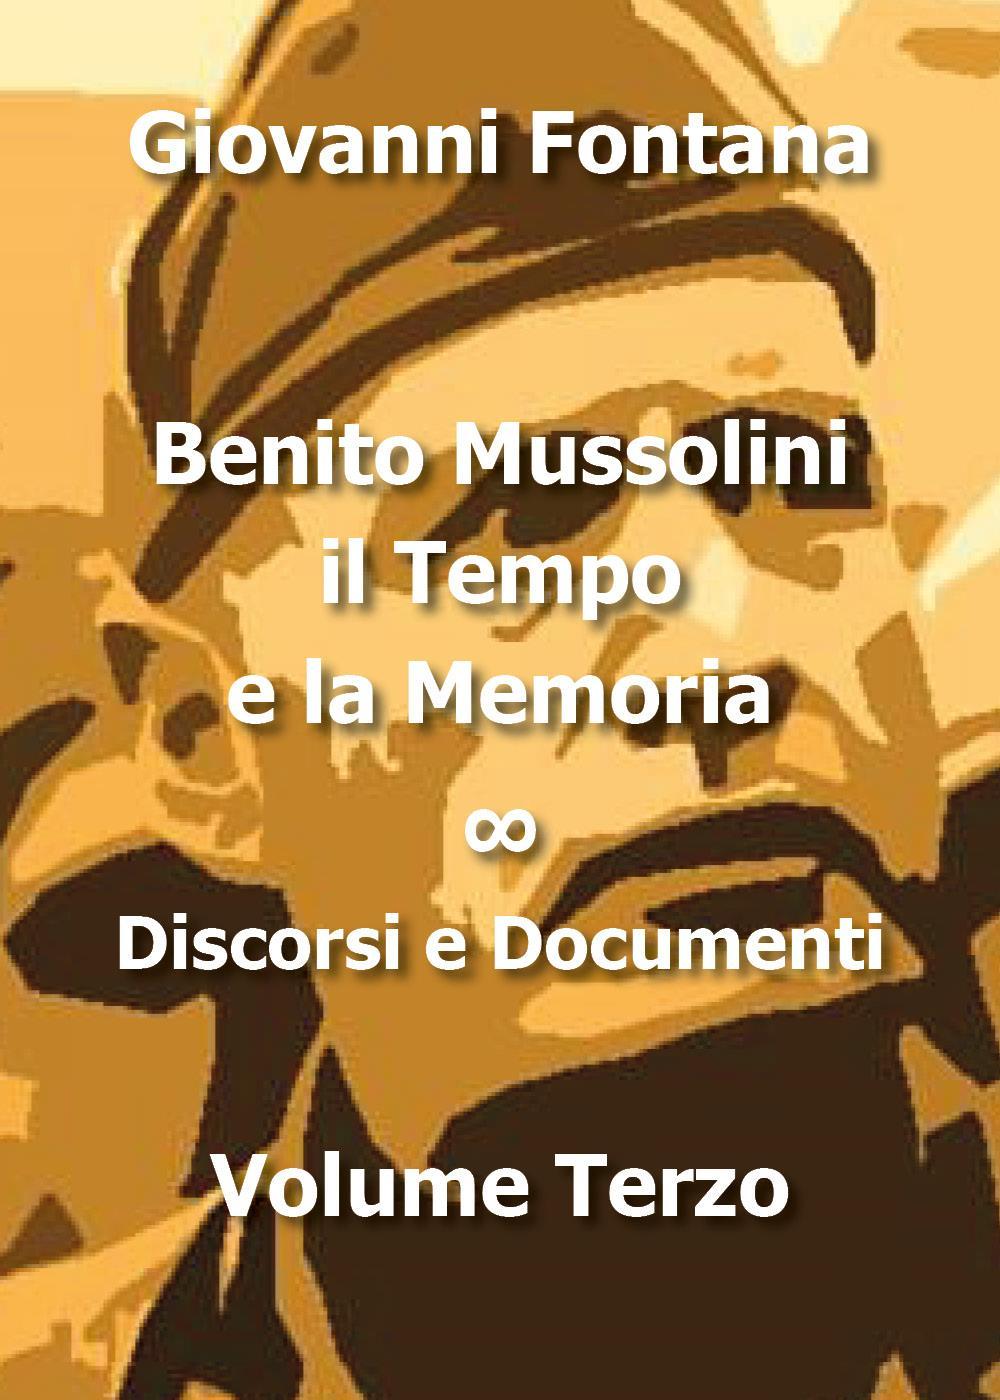 Benito Mussolini. Il tempo e la memoria. Discorsi e Documenti Vol.3